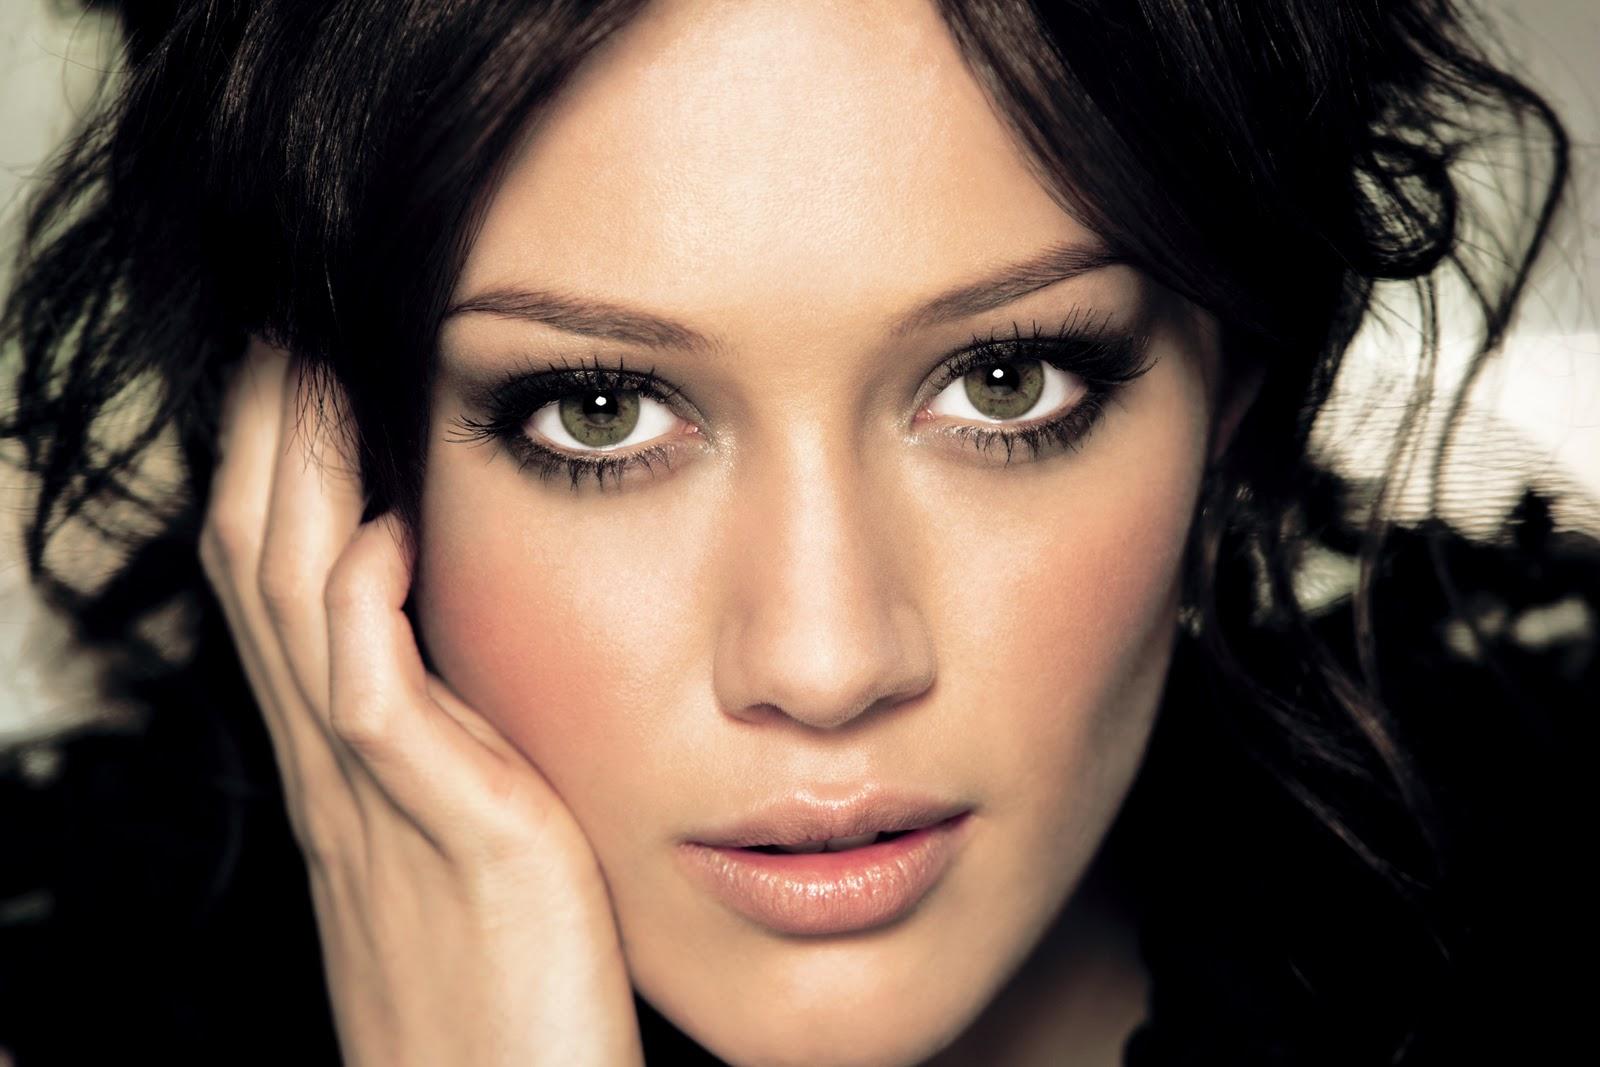 http://4.bp.blogspot.com/-KwGj1E8a1ec/Tyj9hMvLu5I/AAAAAAAAAW0/-RpOueVRVCY/s1600/Cute+Hilary+Duff.jpg